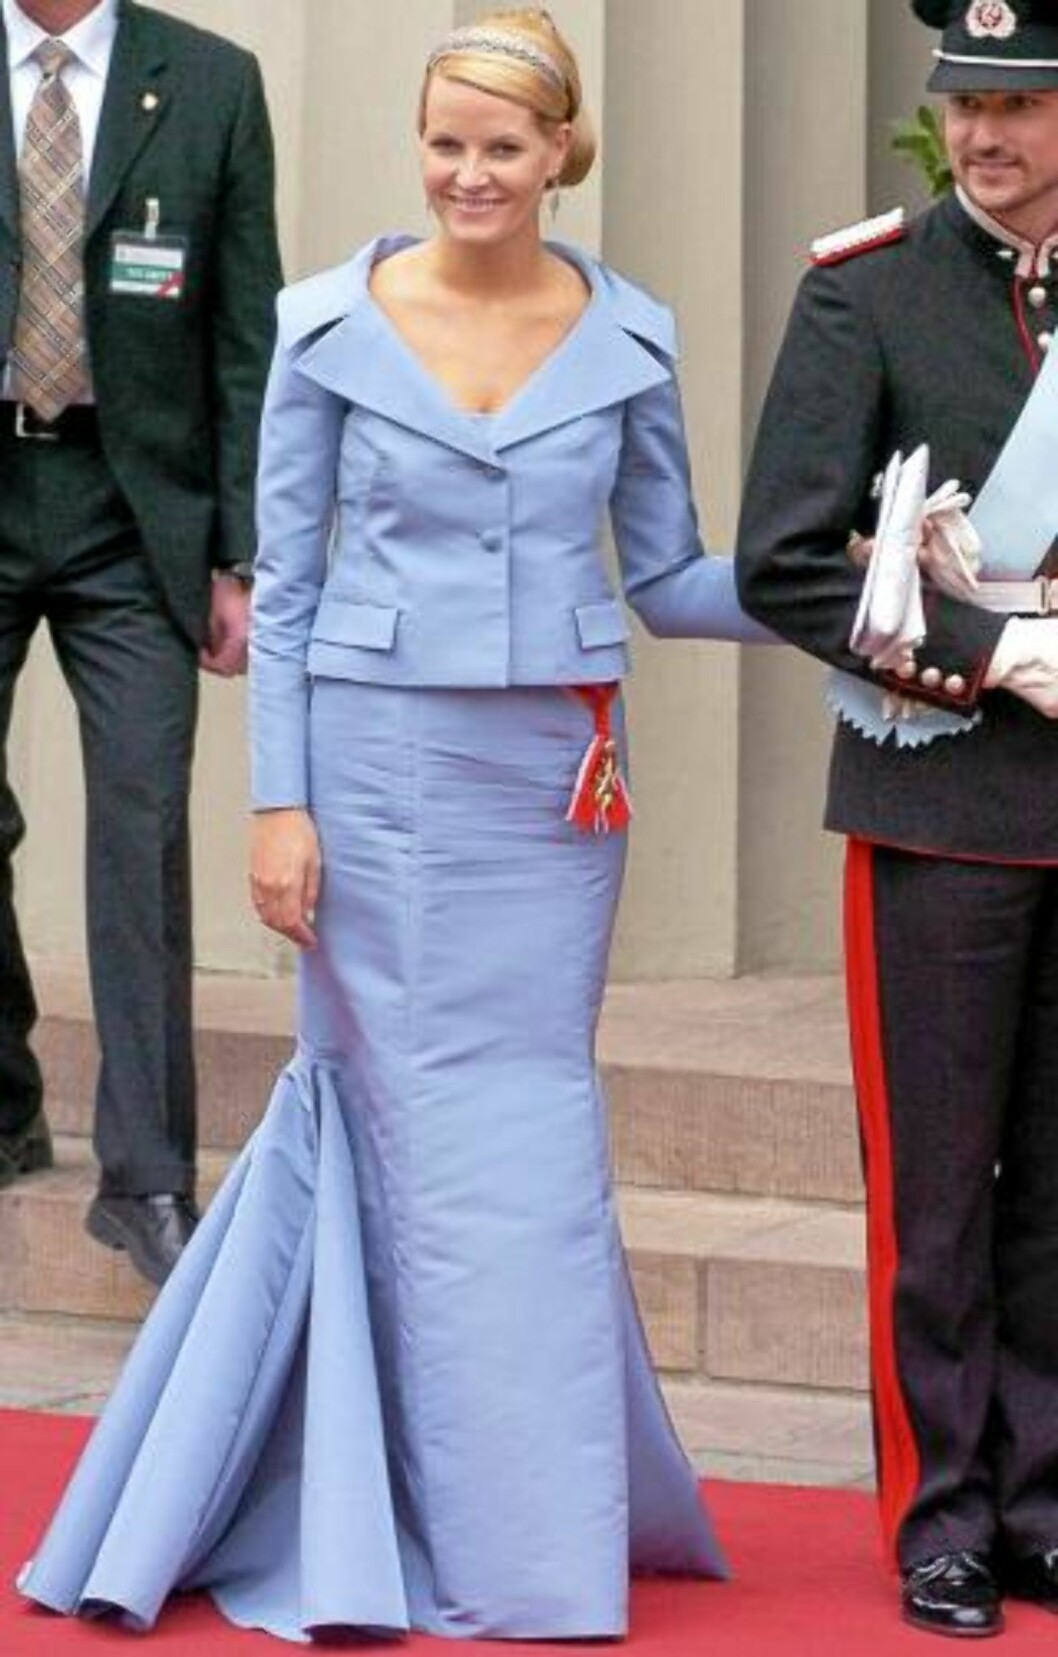 <strong>SPEAIALSYDD:</strong> Mette-Marit i spesialsydd haute couture kjole fra Valentino under det kongelige bryllupet i Danmark i 2004. Man må vanligvis ut med 250.000 kroner for en slik kjole. Foto: Stella